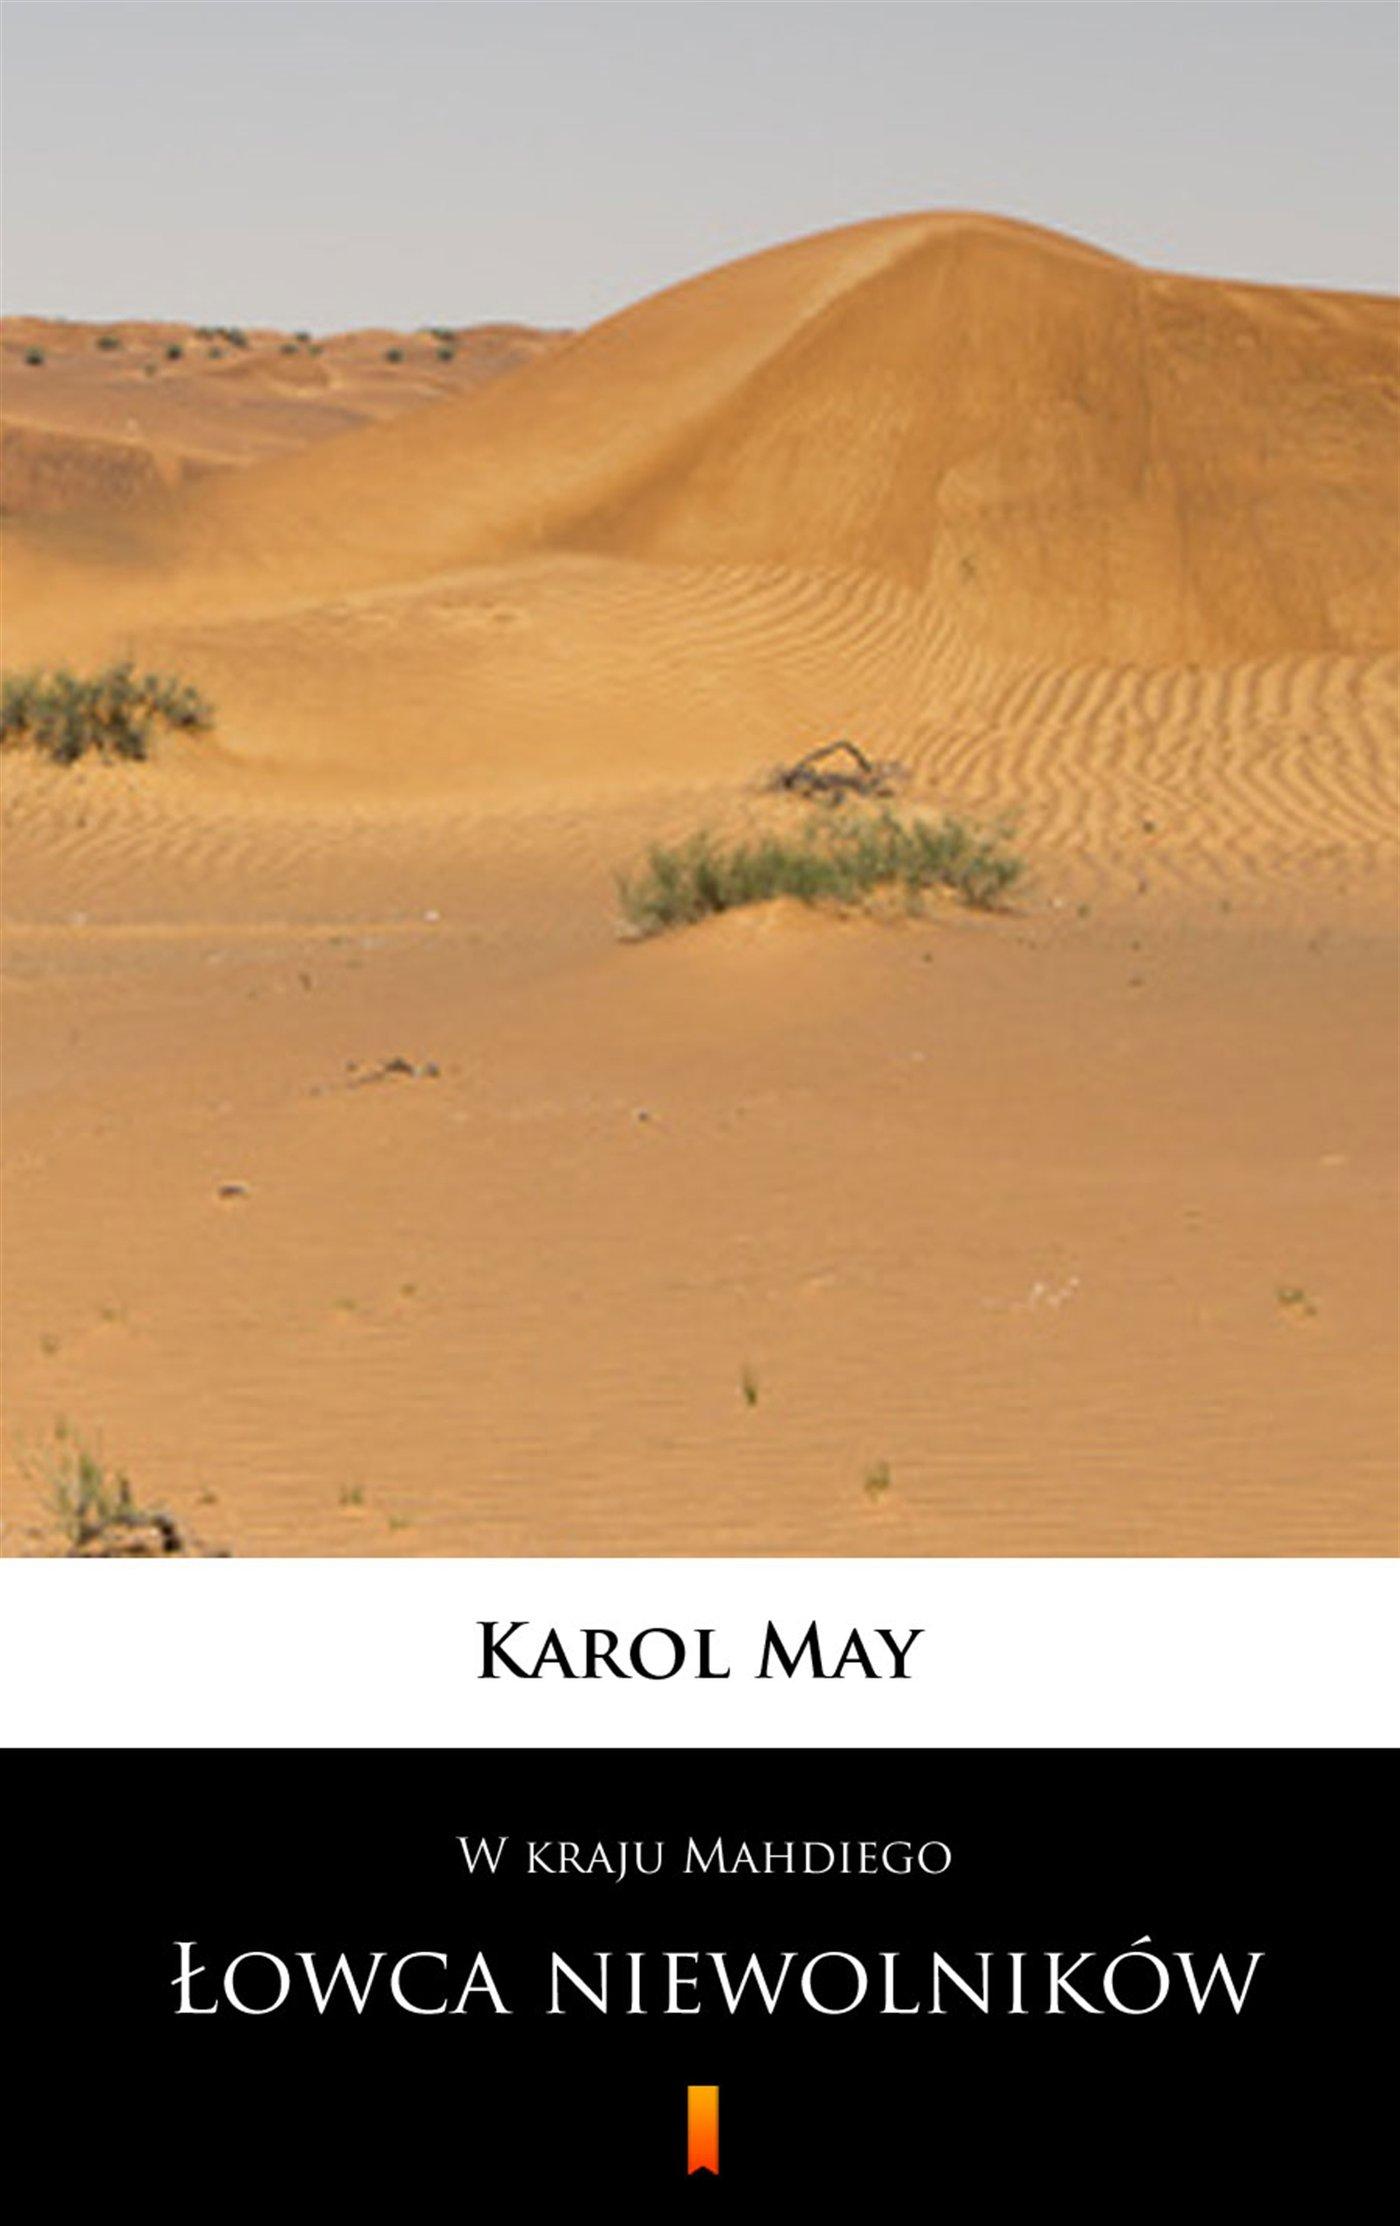 W kraju Mahdiego. Łowca niewolników - Ebook (Książka na Kindle) do pobrania w formacie MOBI